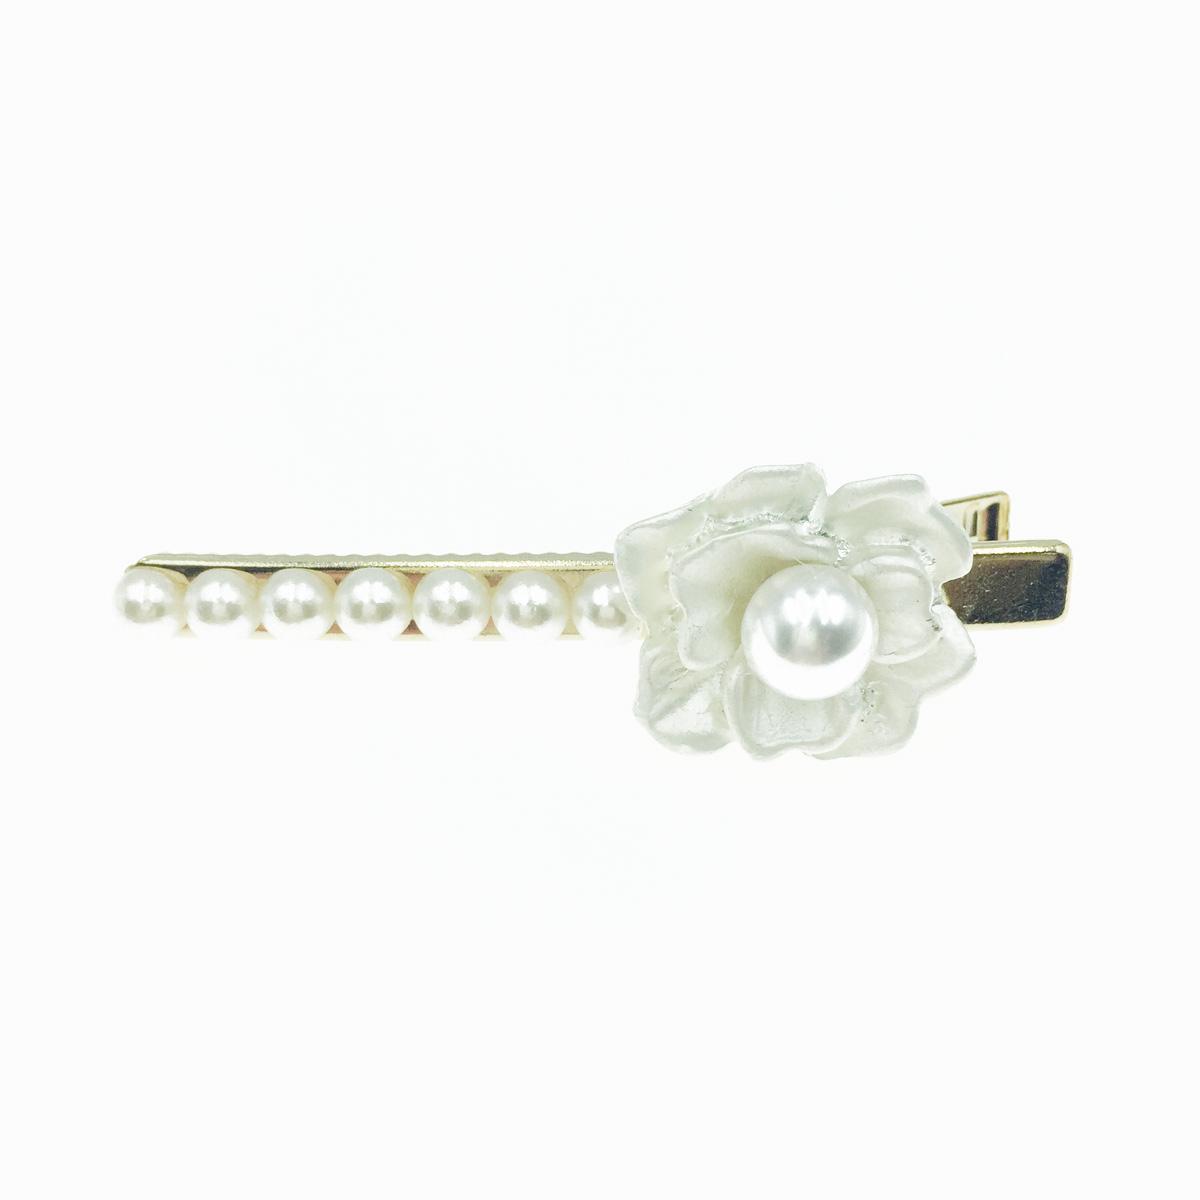 韓國 花造型 珍珠 氣質甜美風 髮飾 髮夾 壓夾